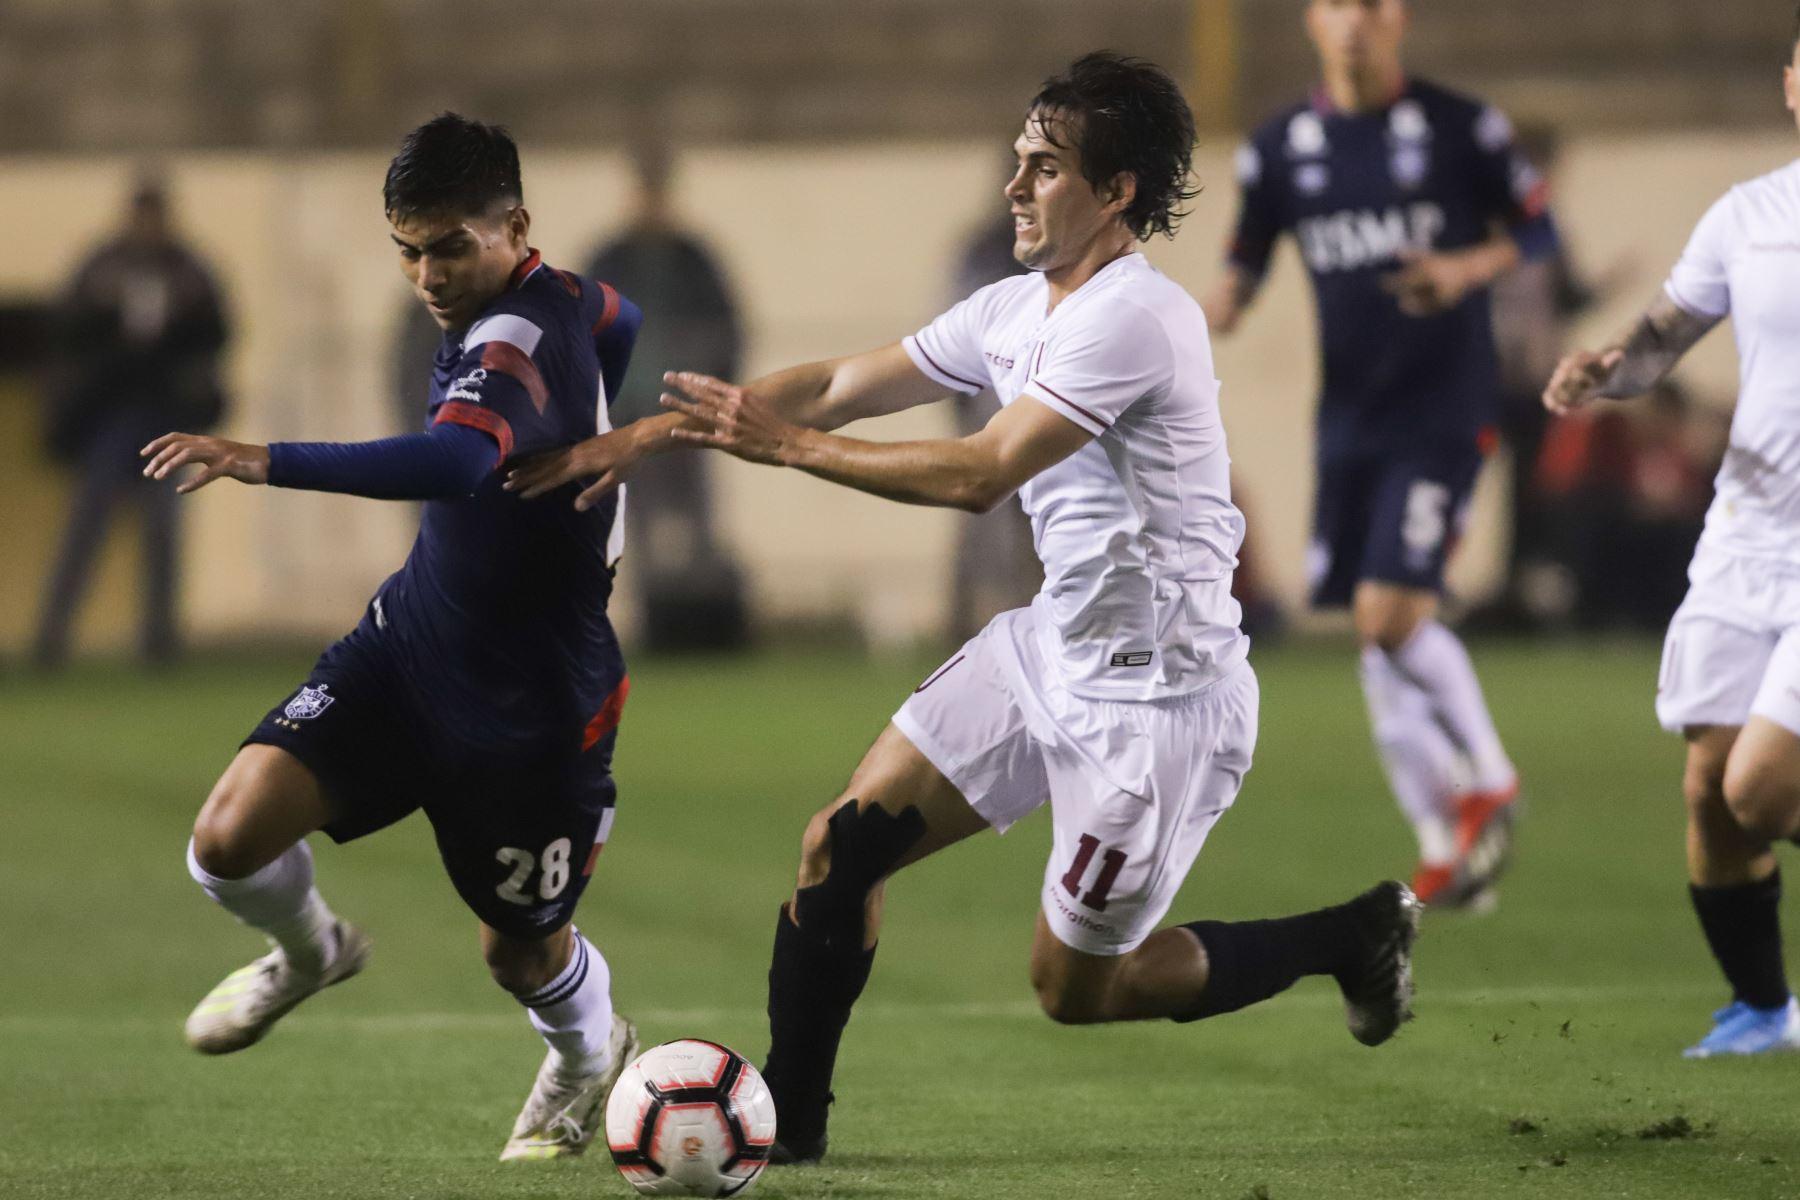 Partido entre Universitario vs. San Martín, empatan 0-0 en el estadio Monumental de Ate.Foto:ANDINA/ Jorge Tello